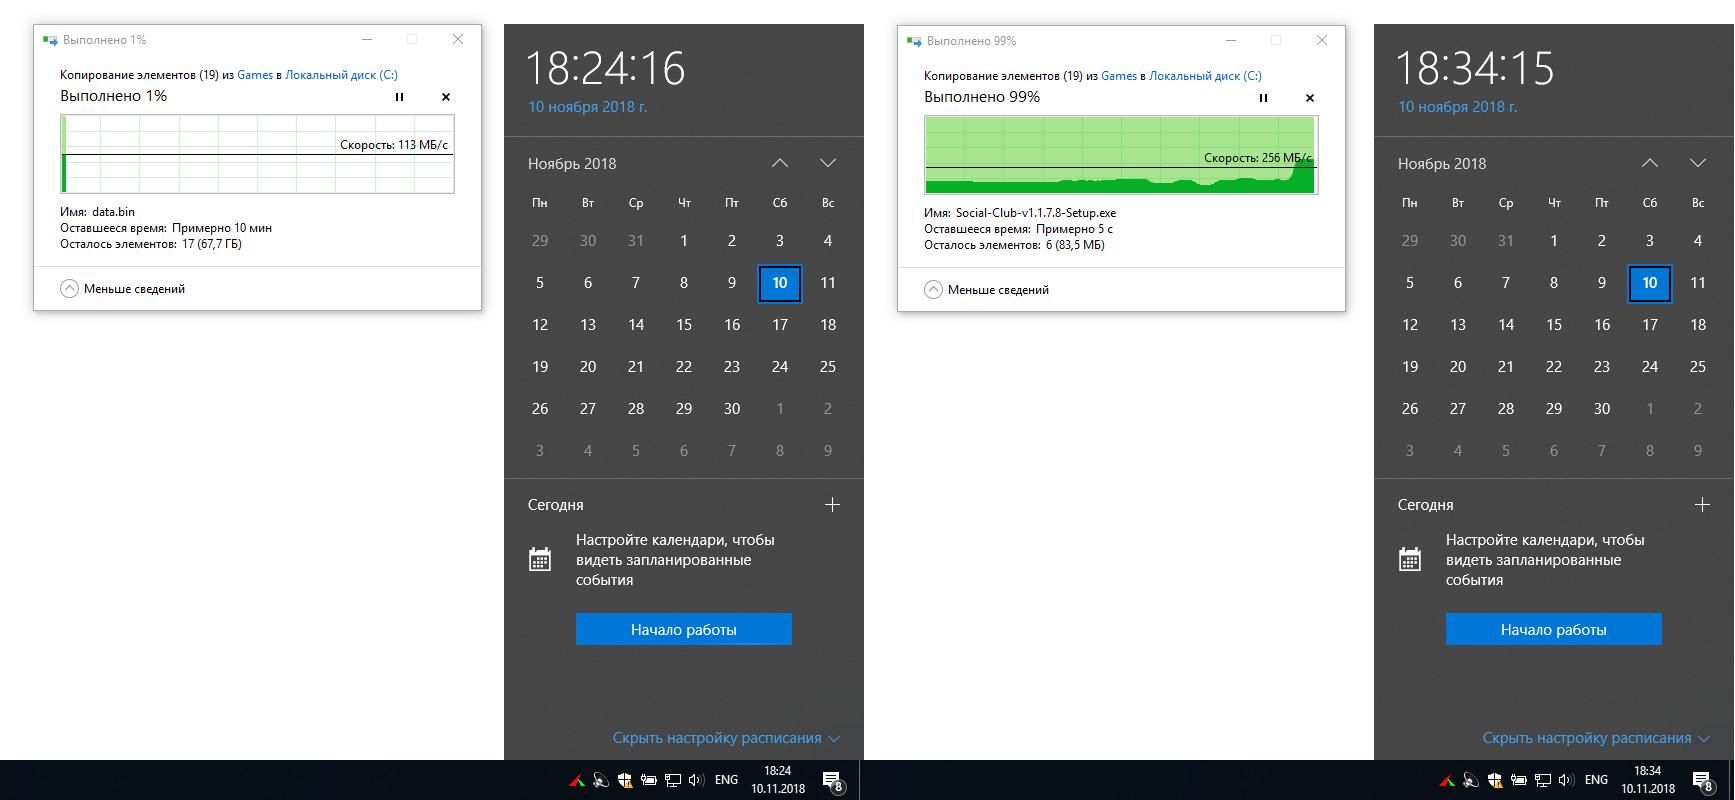 Копирование файлов на Samsung 970 Evo